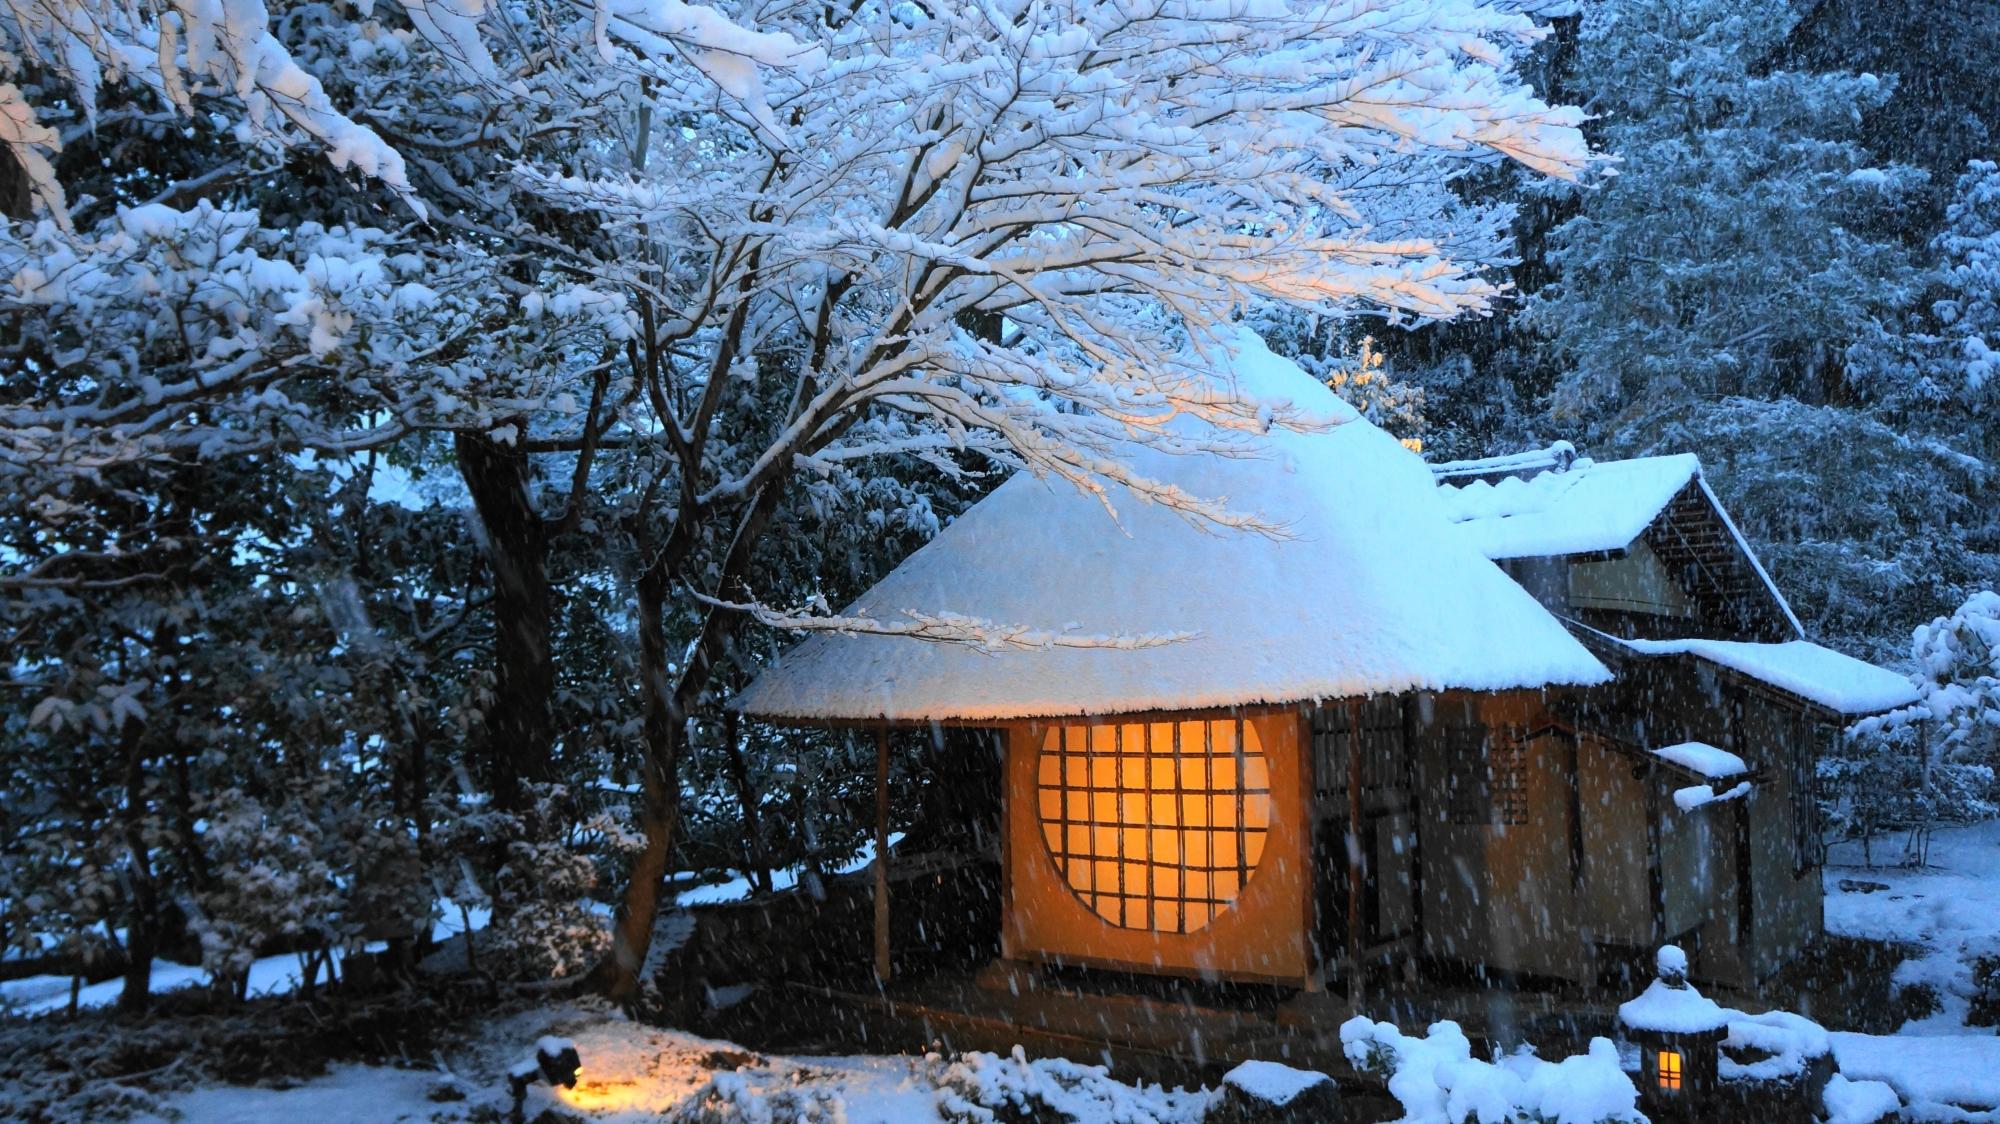 高台寺の遺芳庵の雪景色